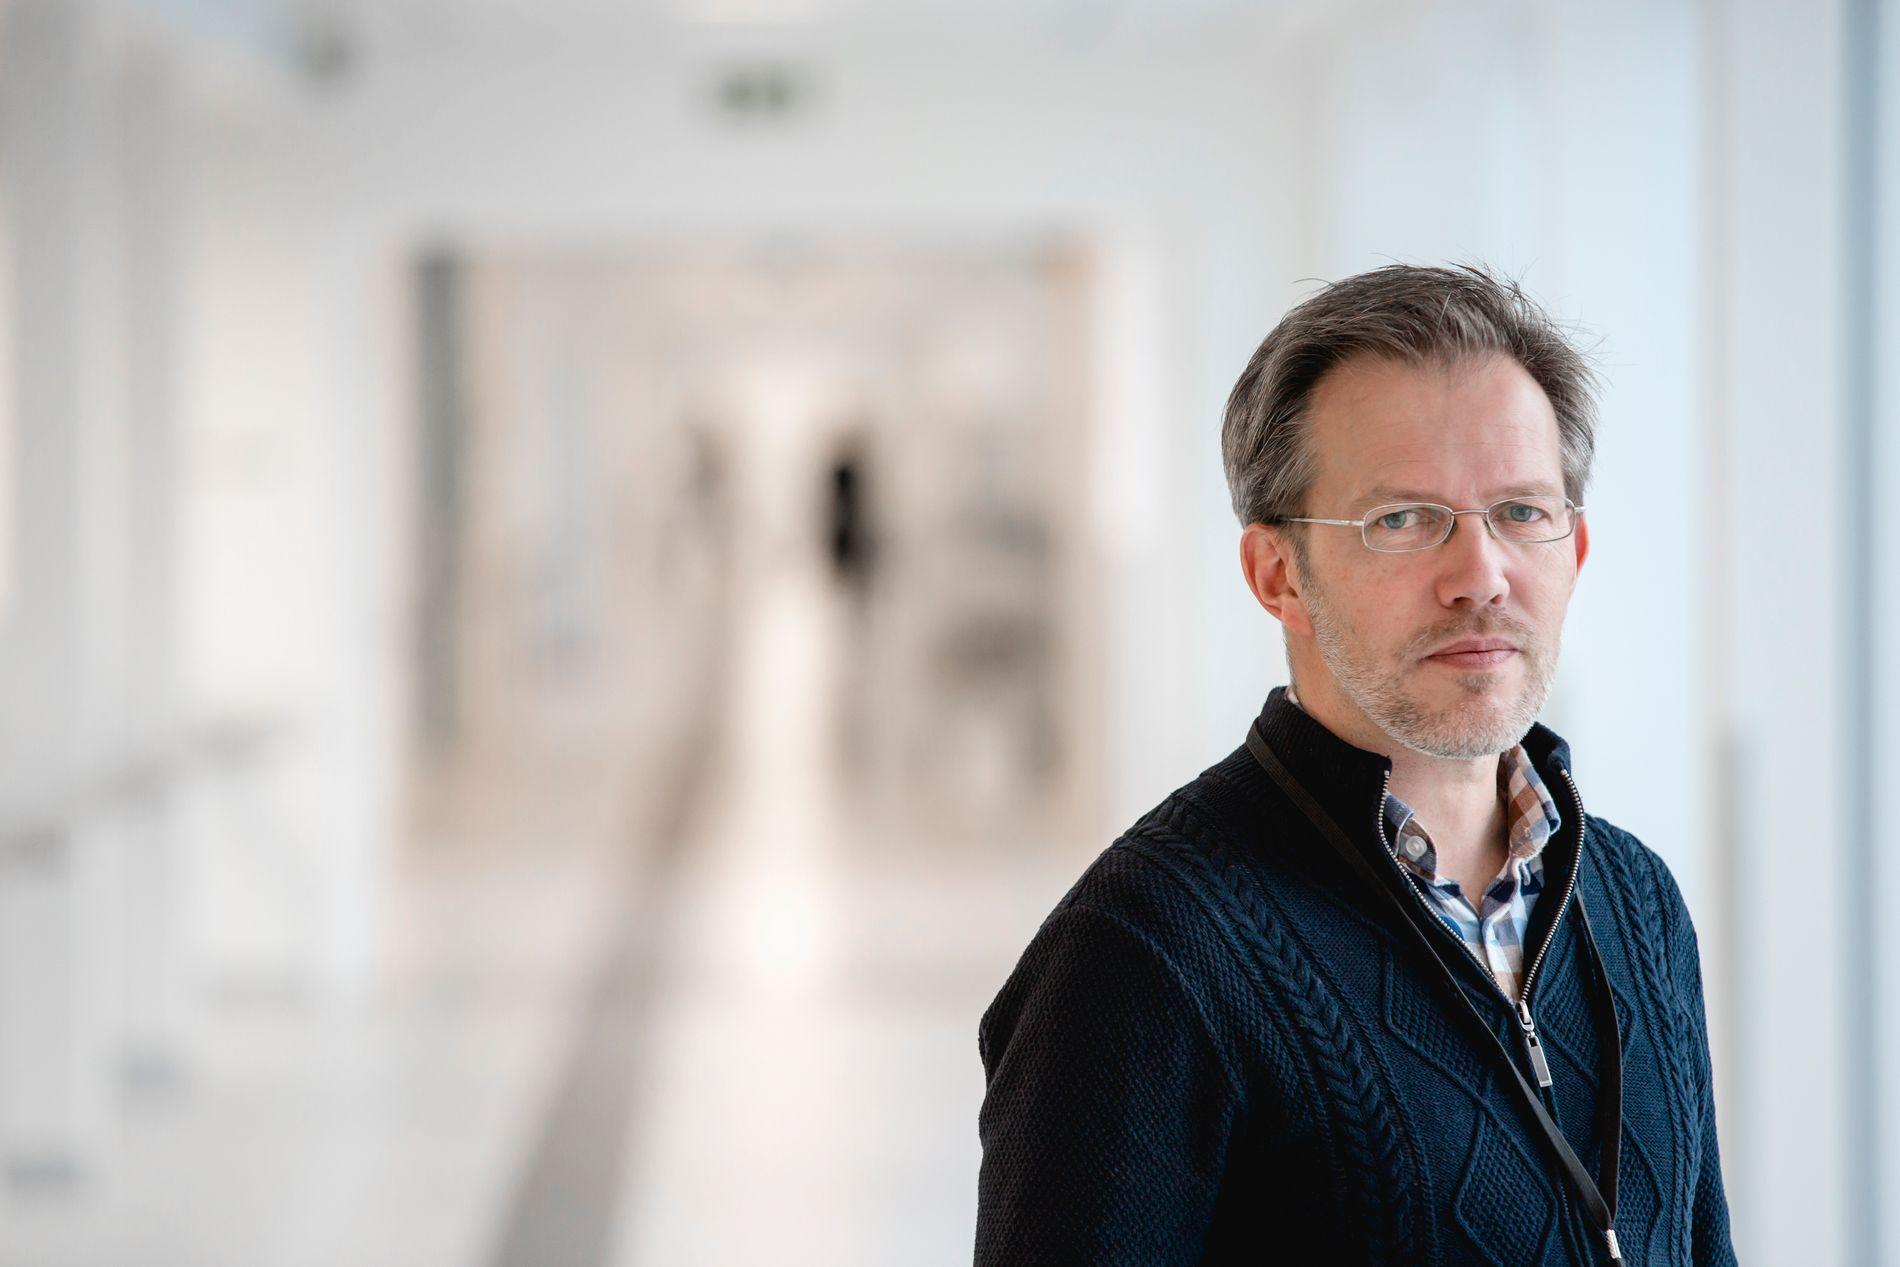 KRITISK: Foretaksjurist Jostein Vist i Østfold mener sykehus som har utlevert tvangslogger uten å sladde dem like mye som hans sykehus har gjort kan ha brutt taushetsplikten.